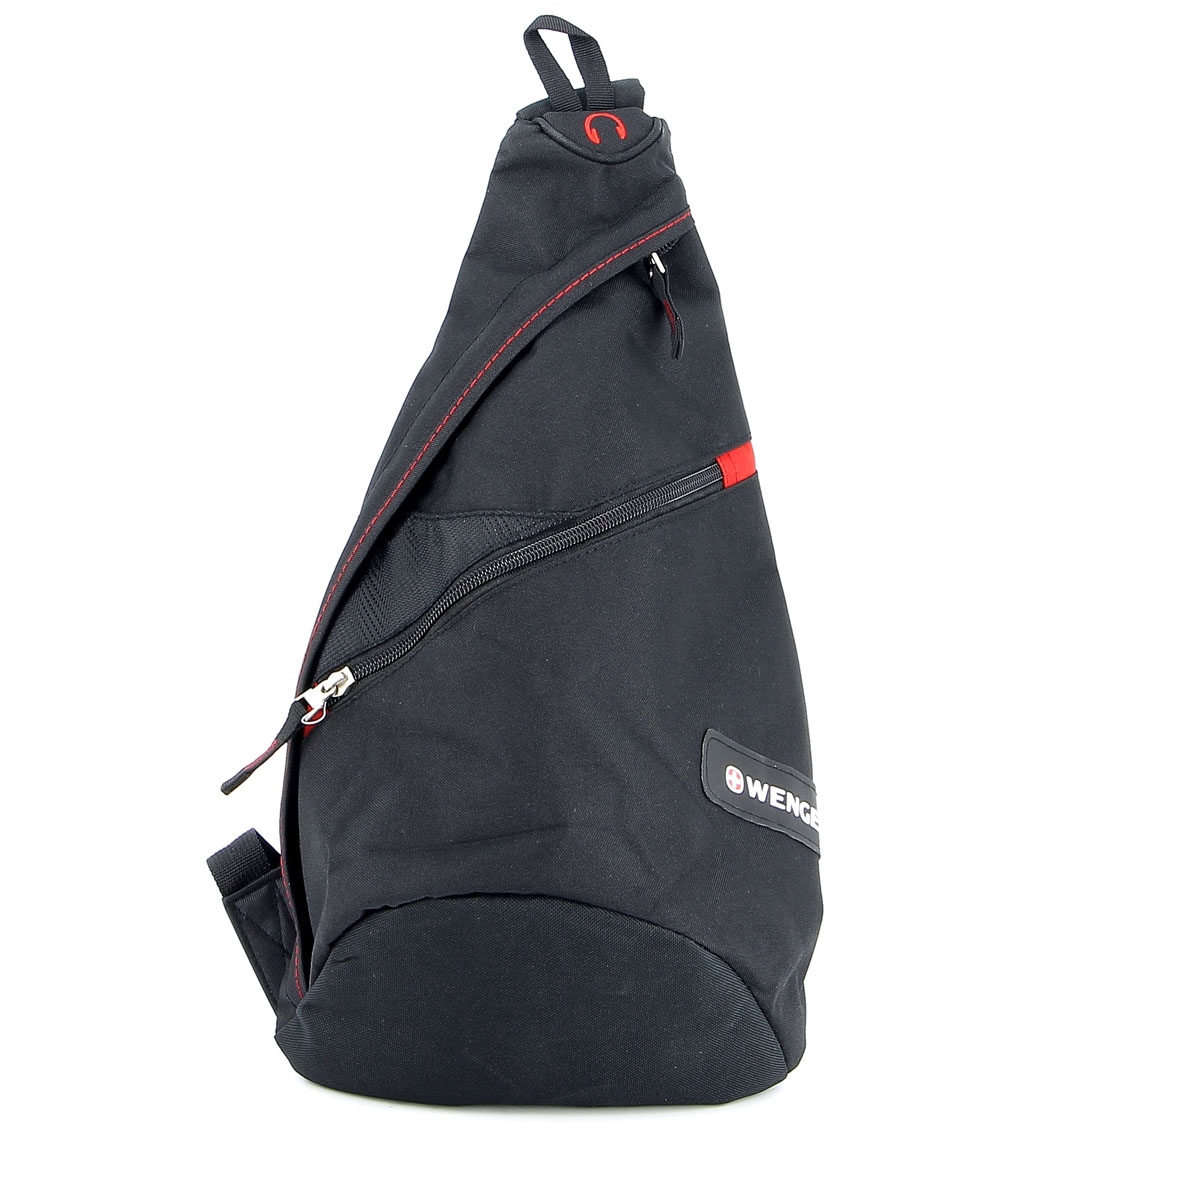 Рюкзак Wenger, с одним плечевым ремнем, цвет: черный, красный, 25 см x 15 см x 45 см, 7 л